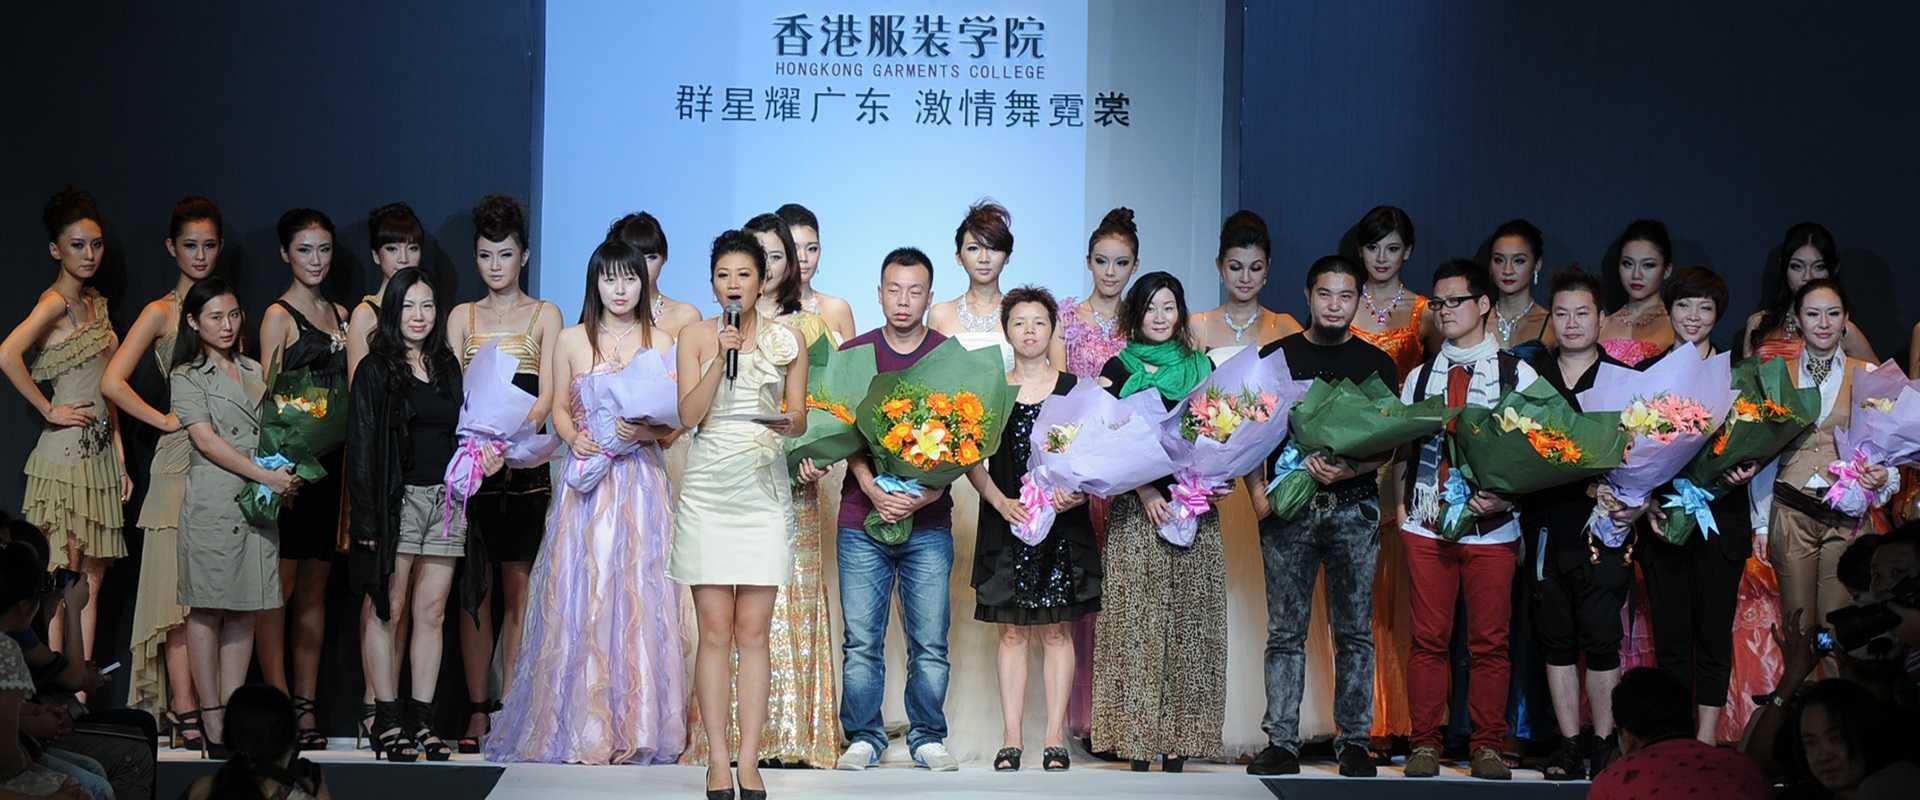 """""""群星耀广东 激情舞霓裳""""-2014年广东大学生时装周广东服装学院学生作品发布会现场。"""